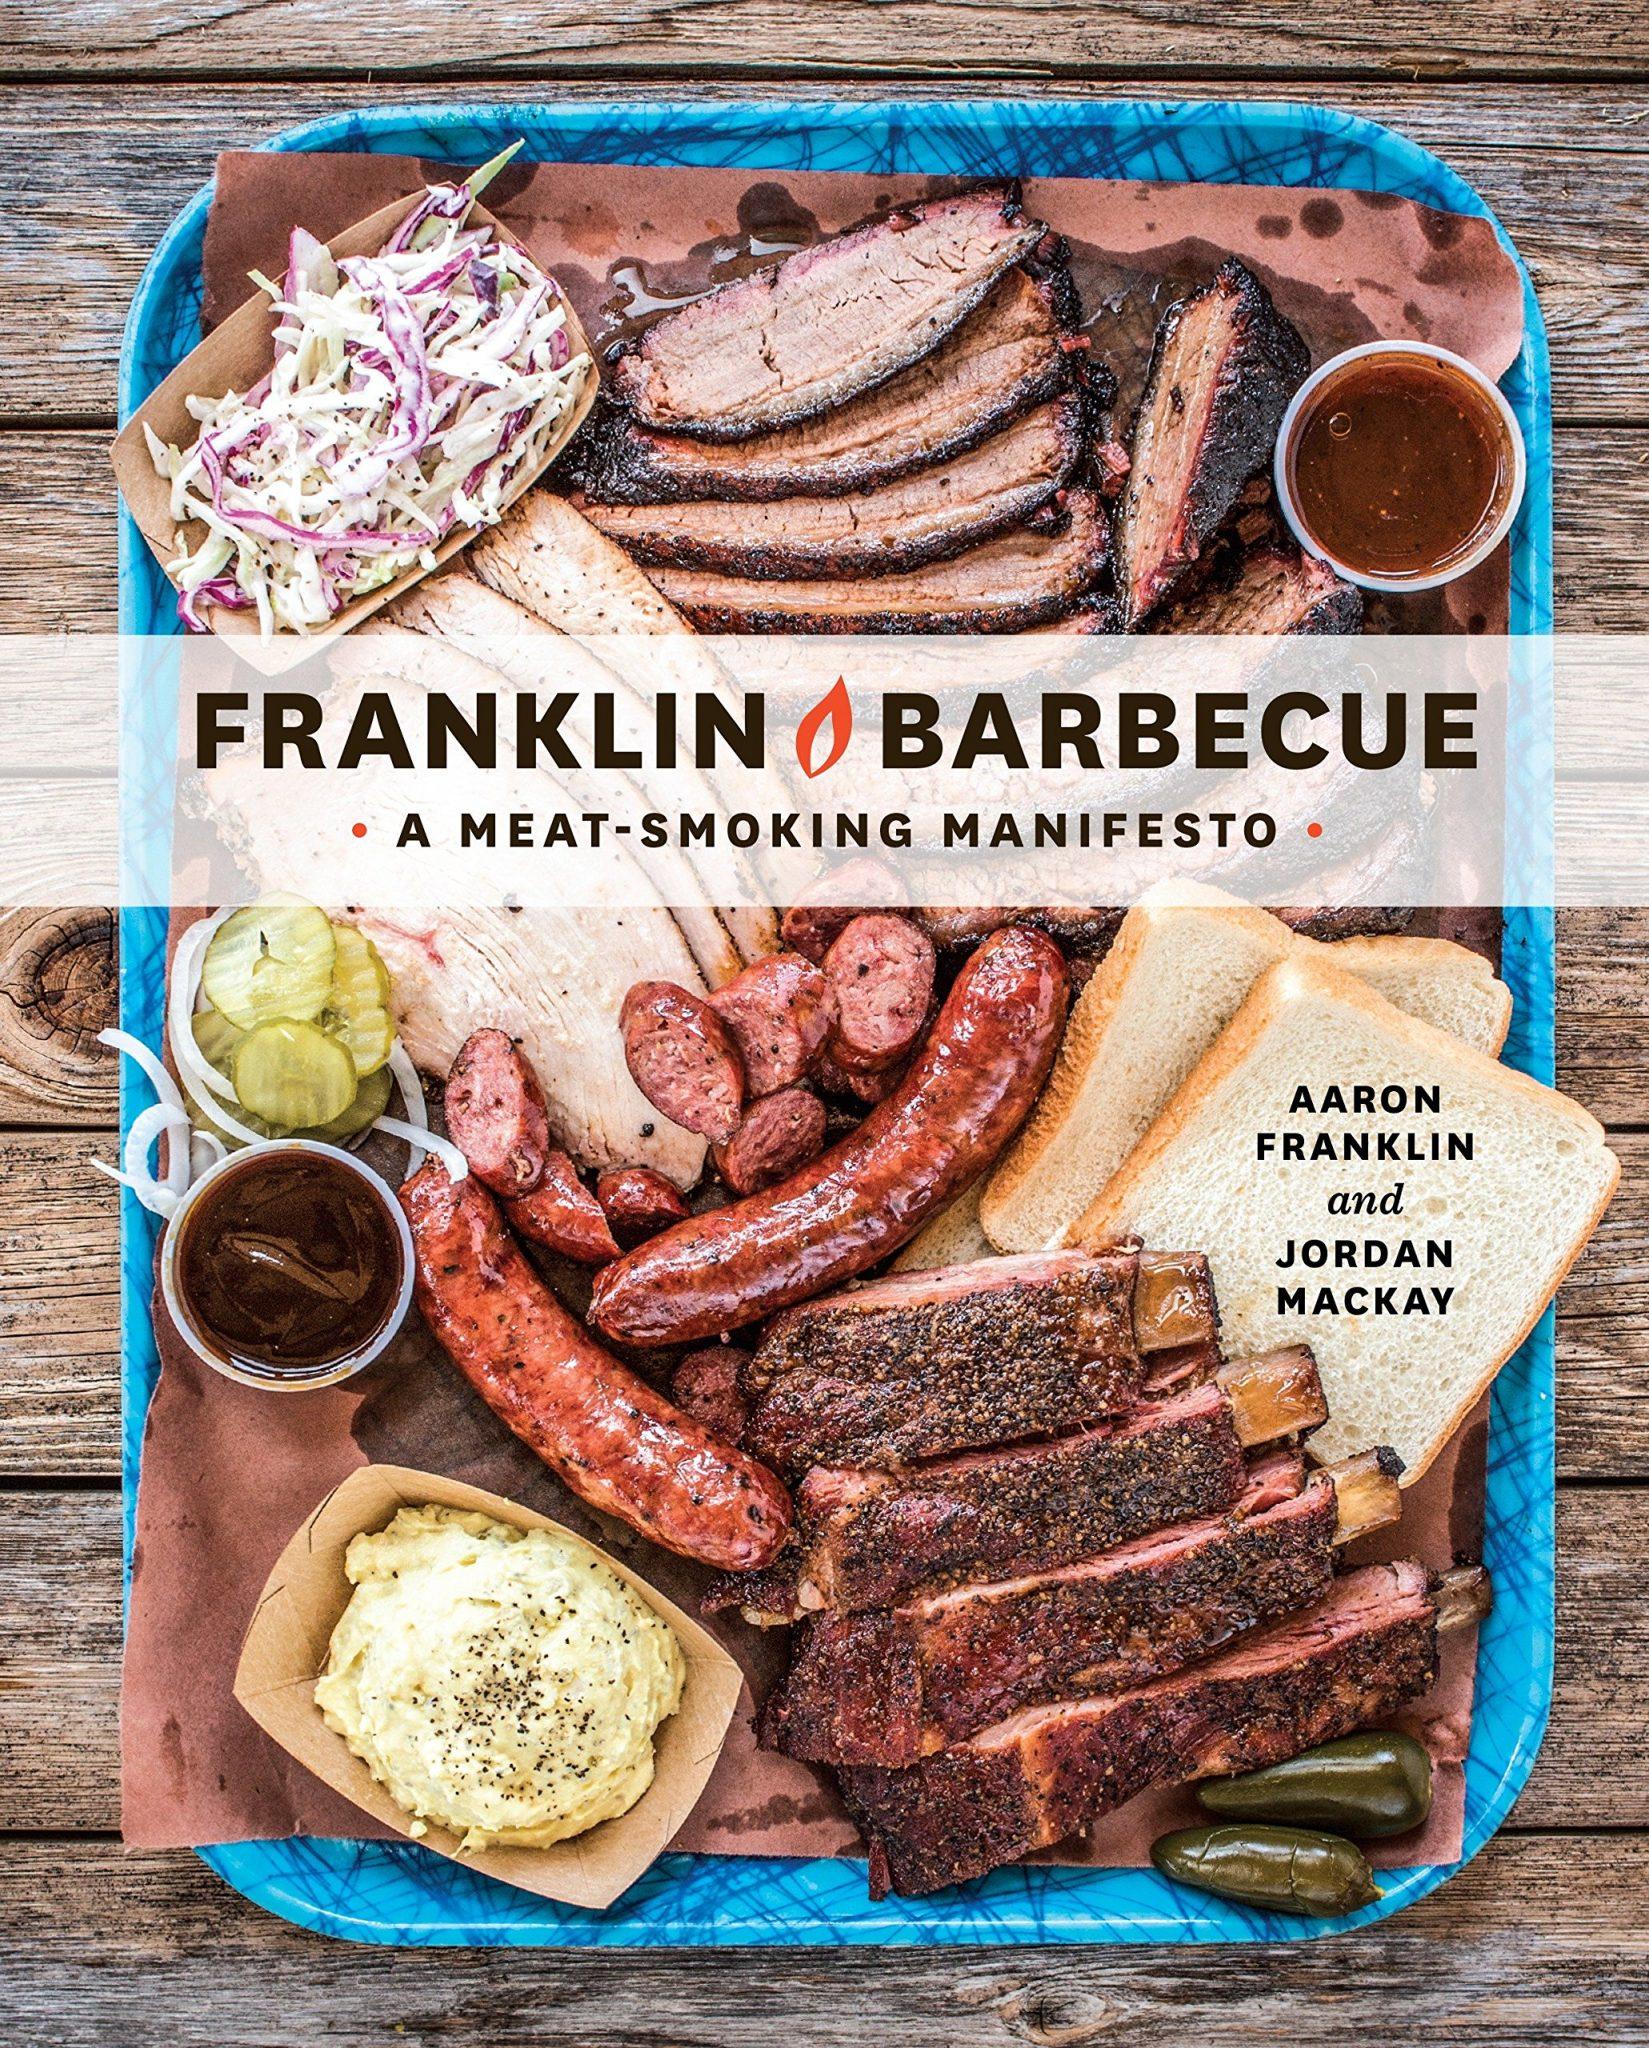 Franklin Barbecue: